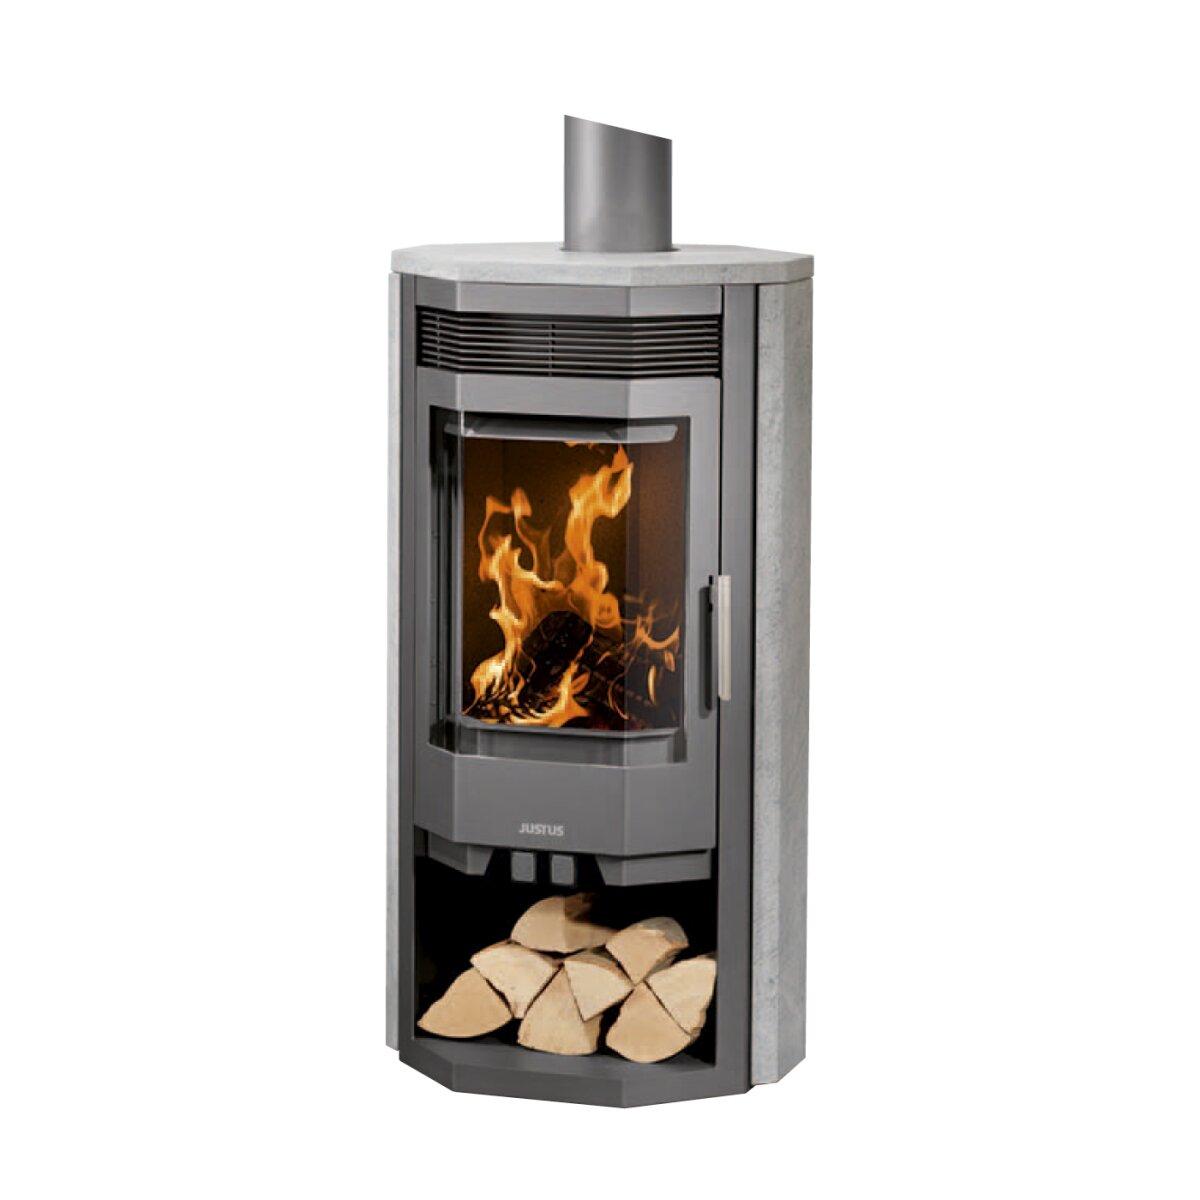 kaminofen justus usedom 7 speckstein stahl gussgrau 7 kw von justus mit beratung. Black Bedroom Furniture Sets. Home Design Ideas